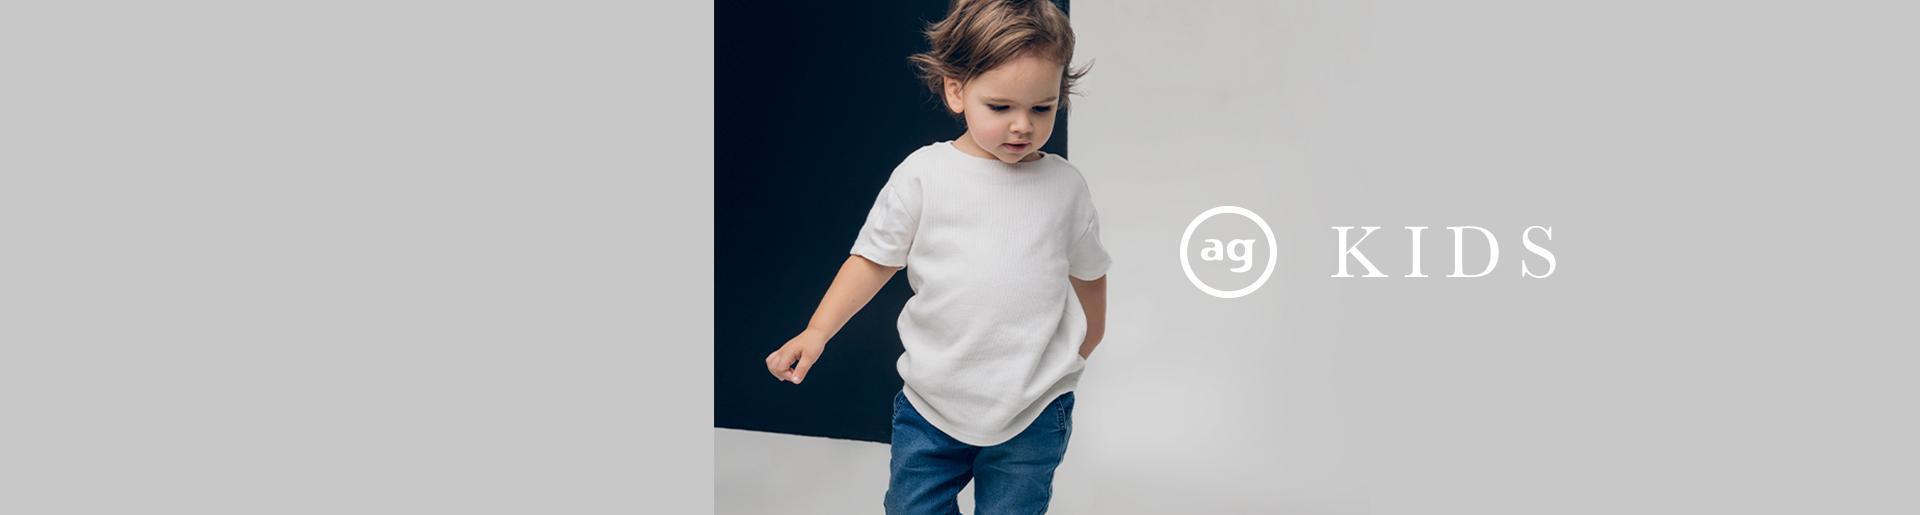 Shop AG Kids